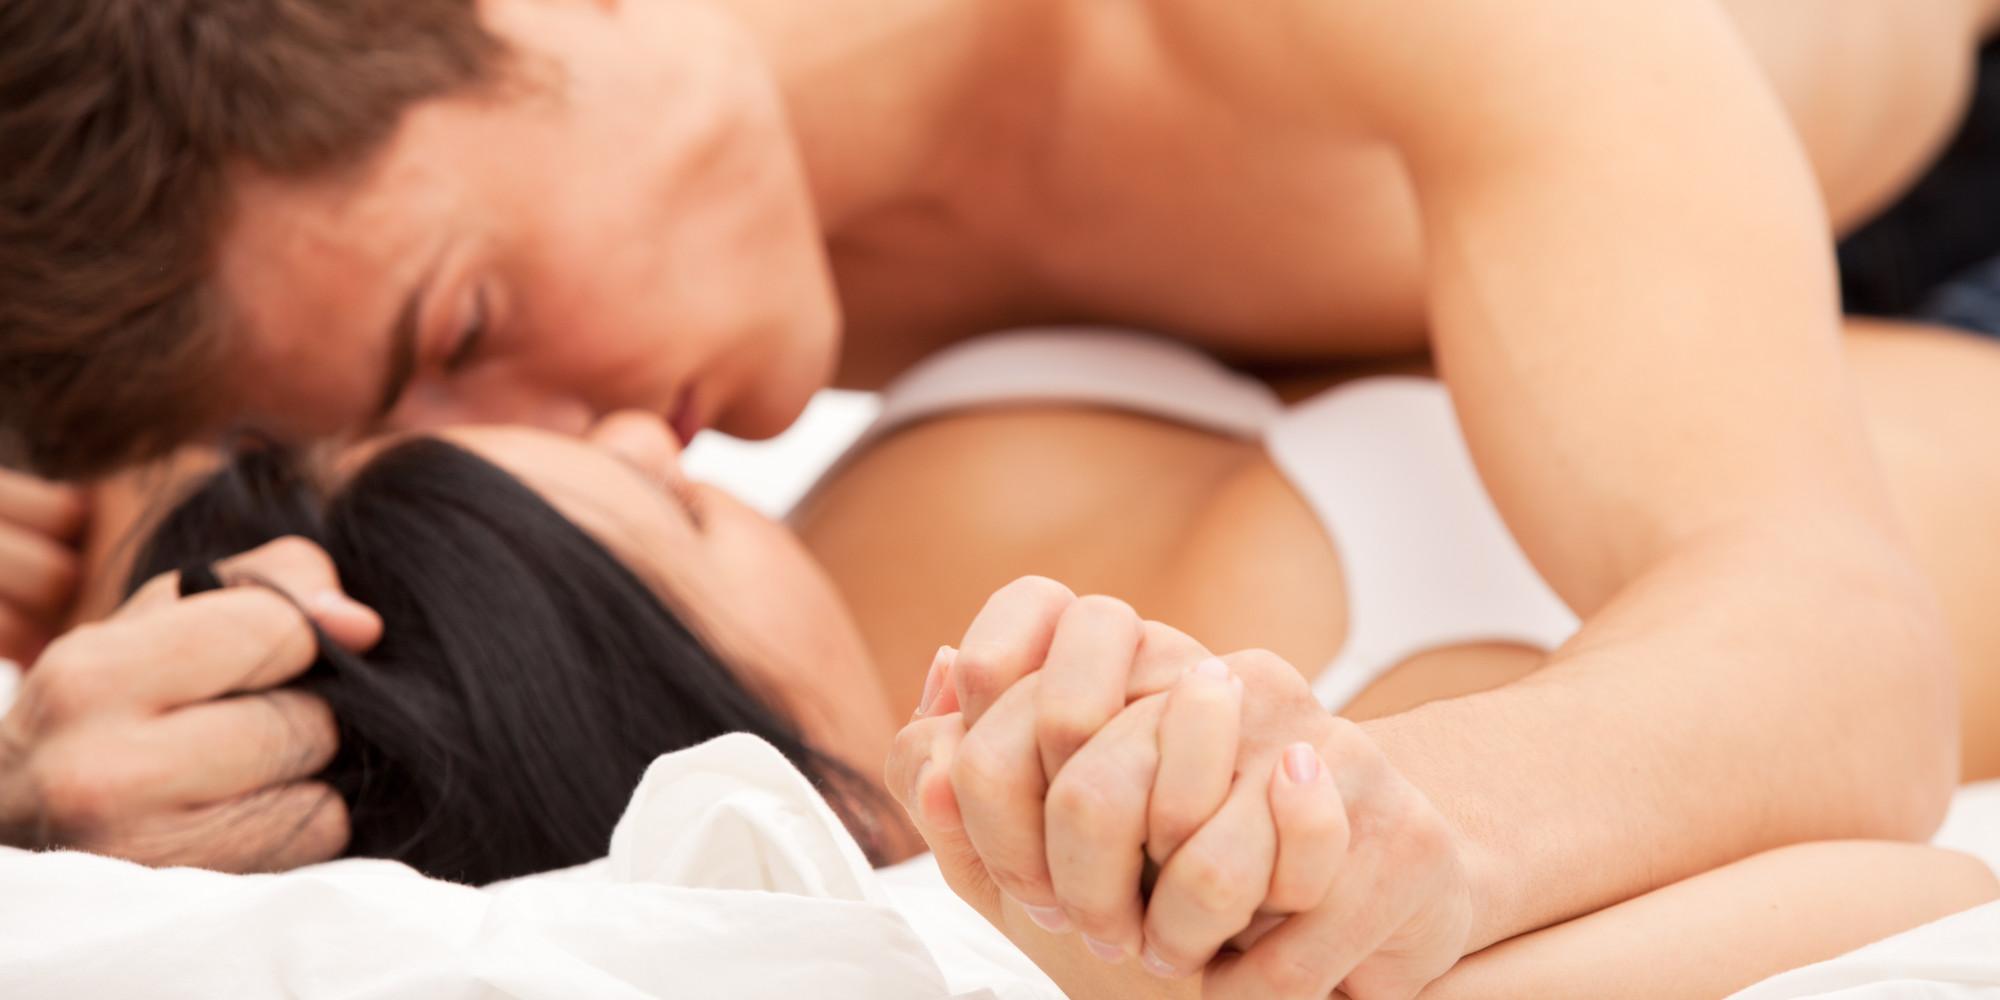 Что у мужчин в сексе вызывает брезгливость 5 фотография